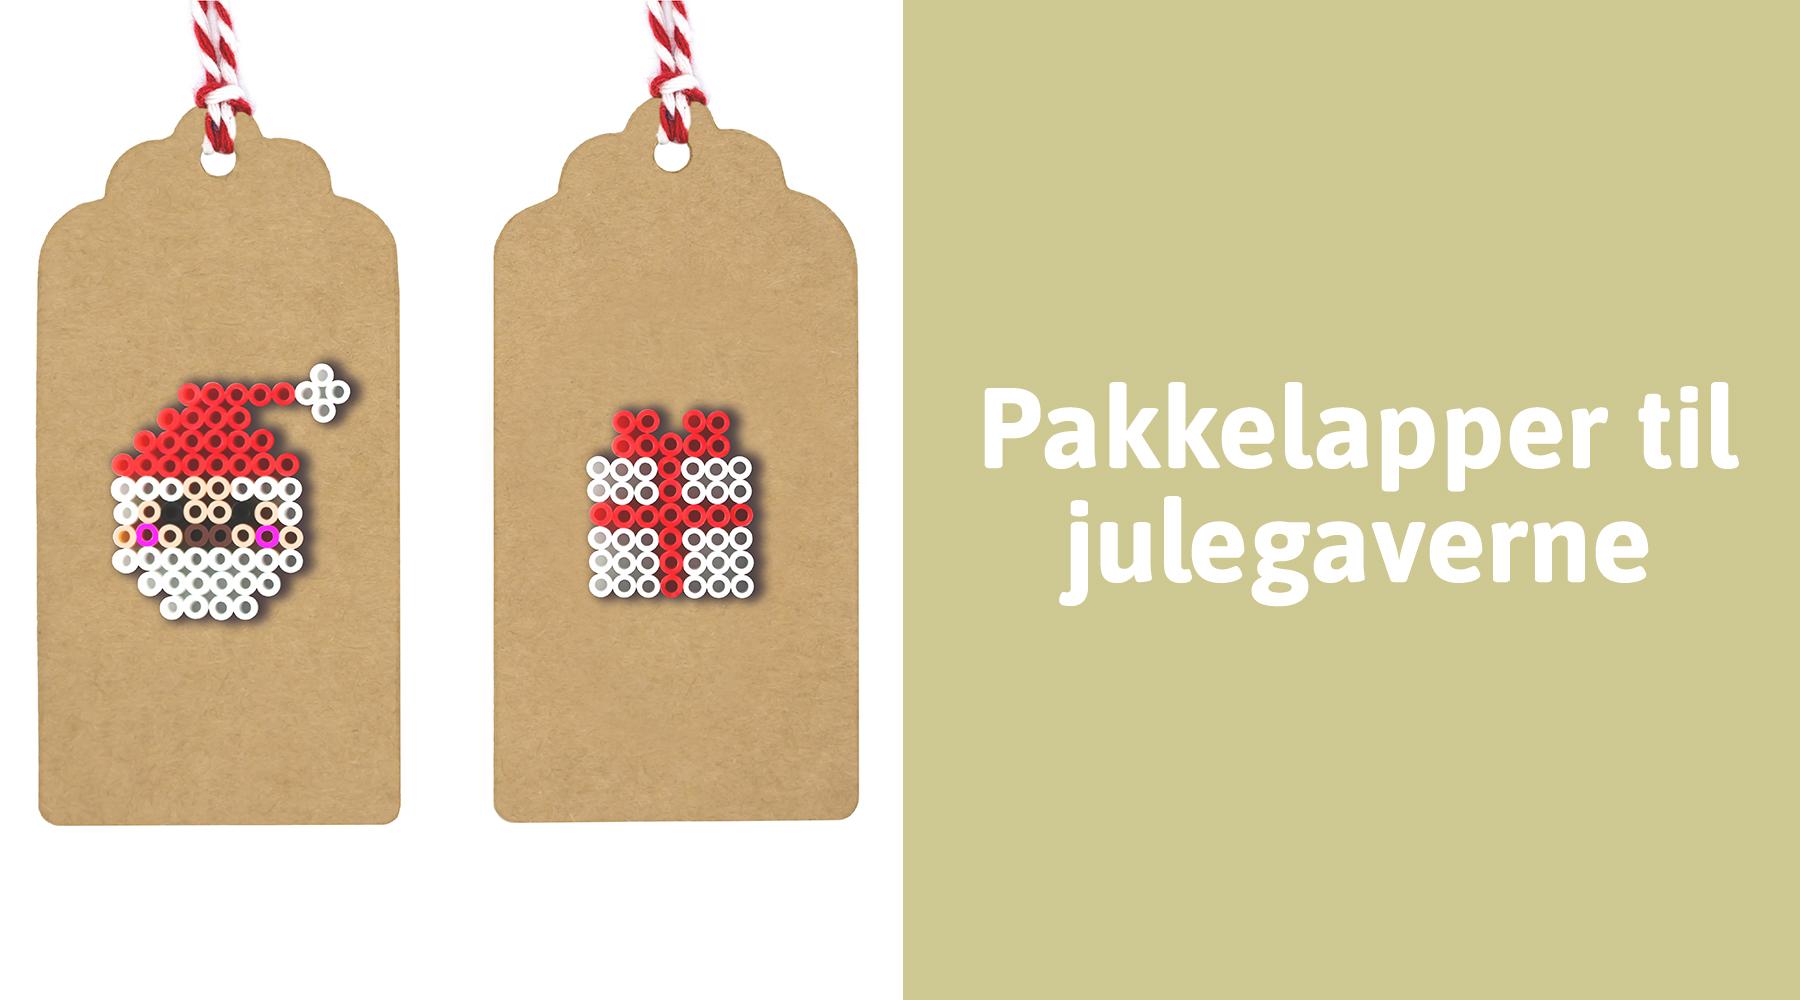 Lav personlige pakkelapper til julegaverne